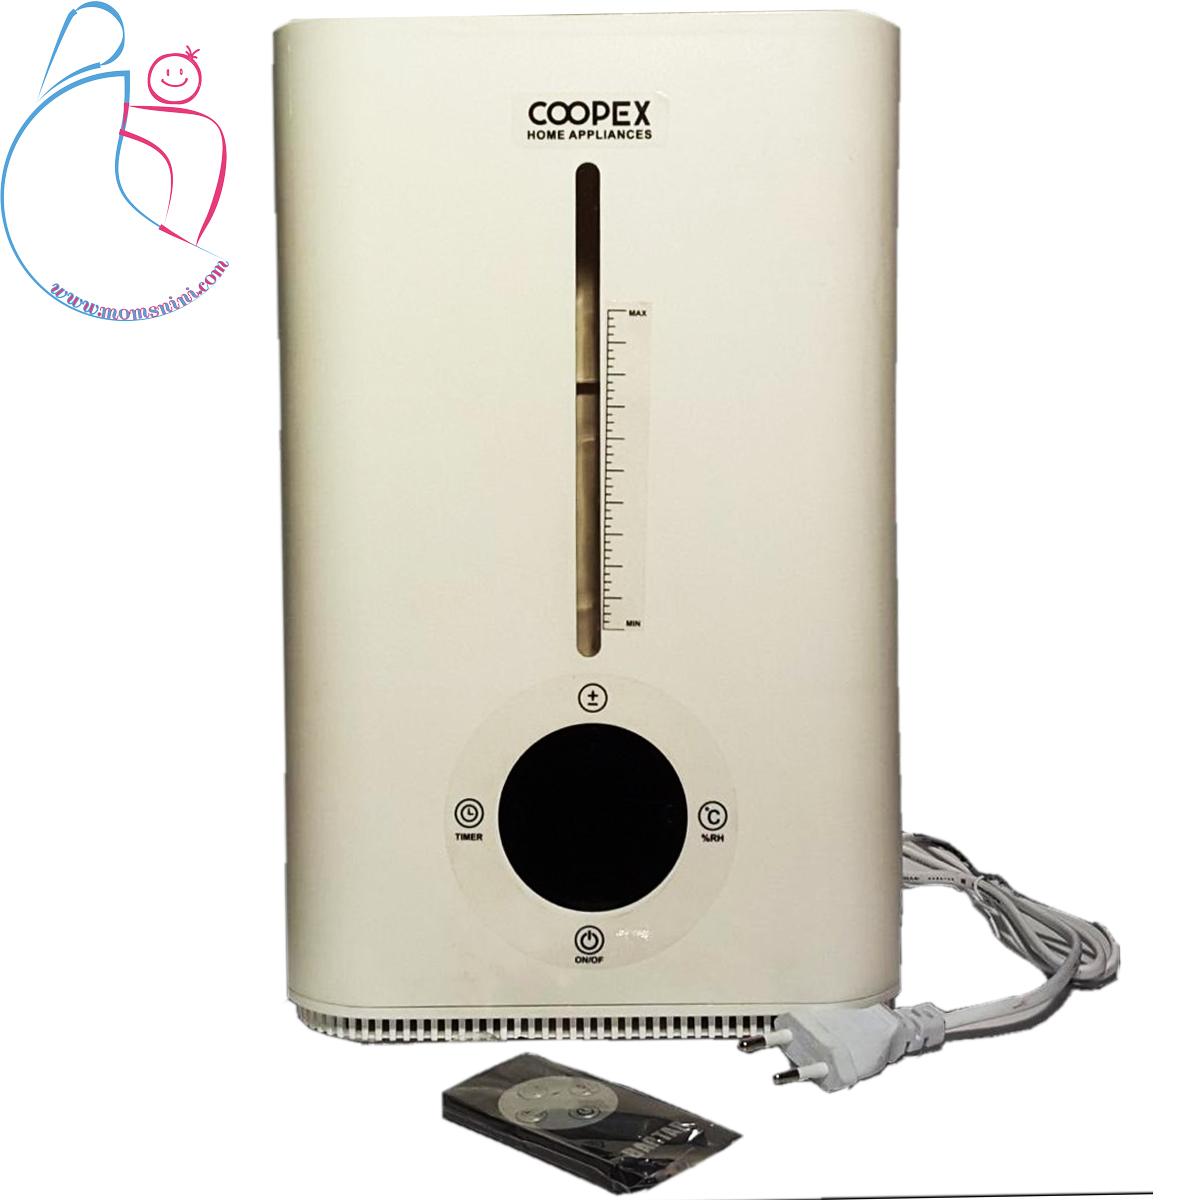 دستگاه بخور سرد کوپکس مدل ۶۵۶۰